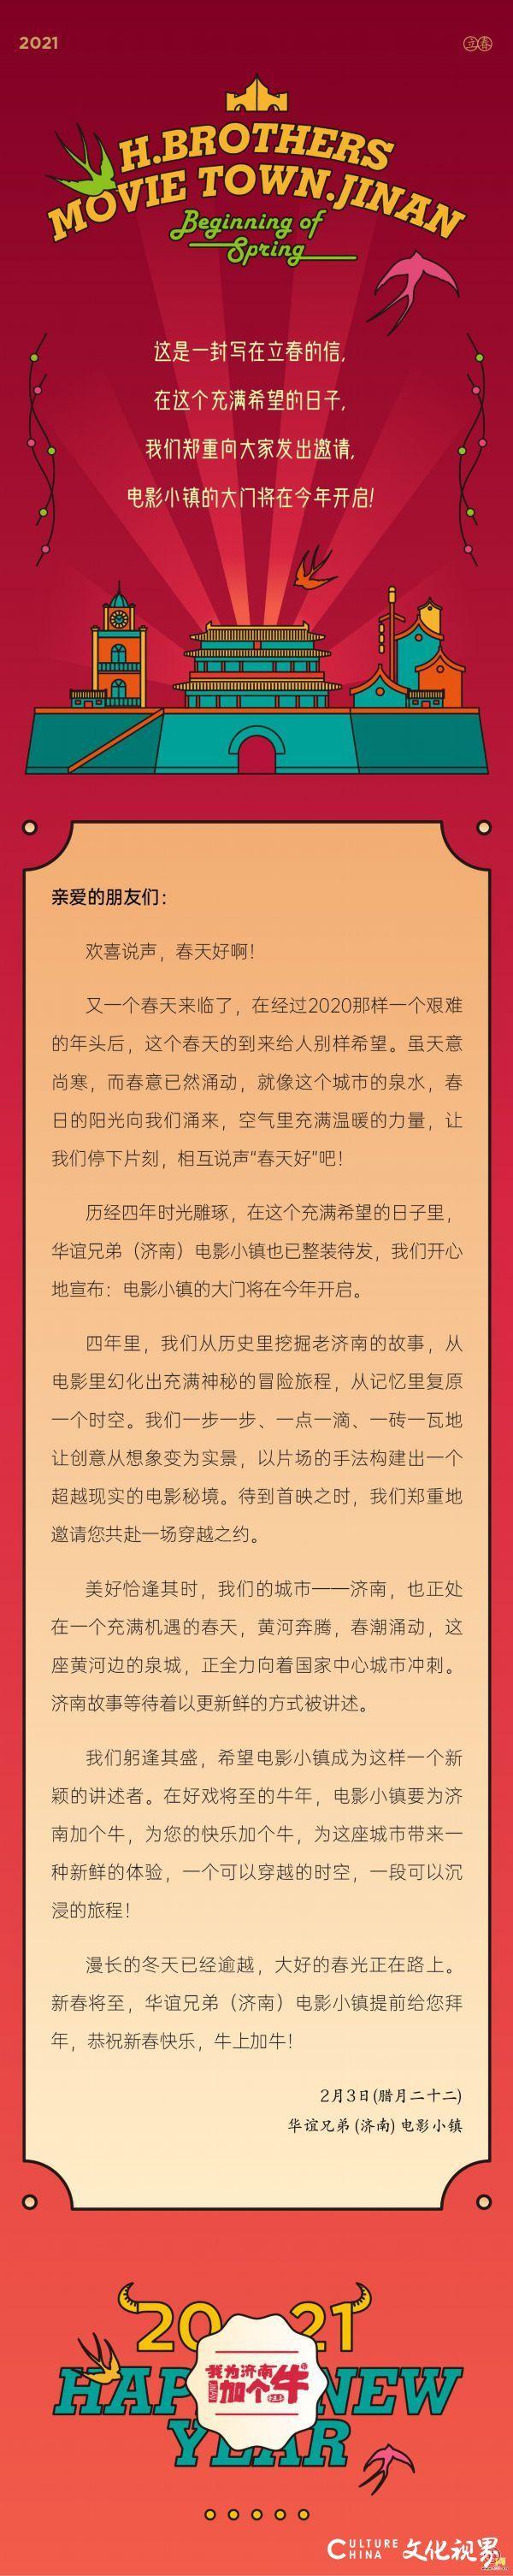 华谊兄弟(济南)电影小镇,预计今年将开业迎客